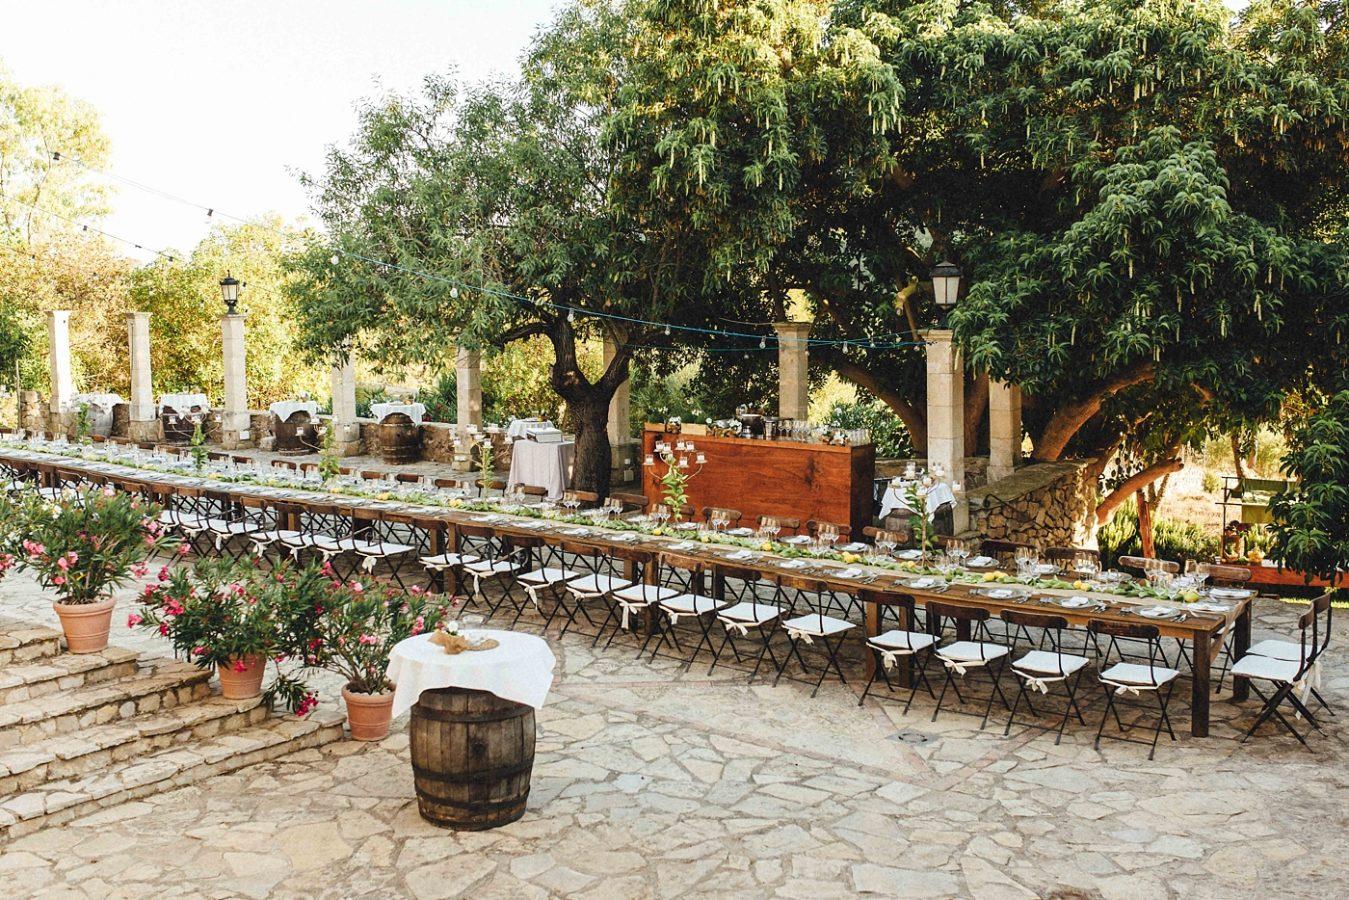 Fotos HochzeitsreportagenFotoshochzeitsfotograf mallorca wedding 0097